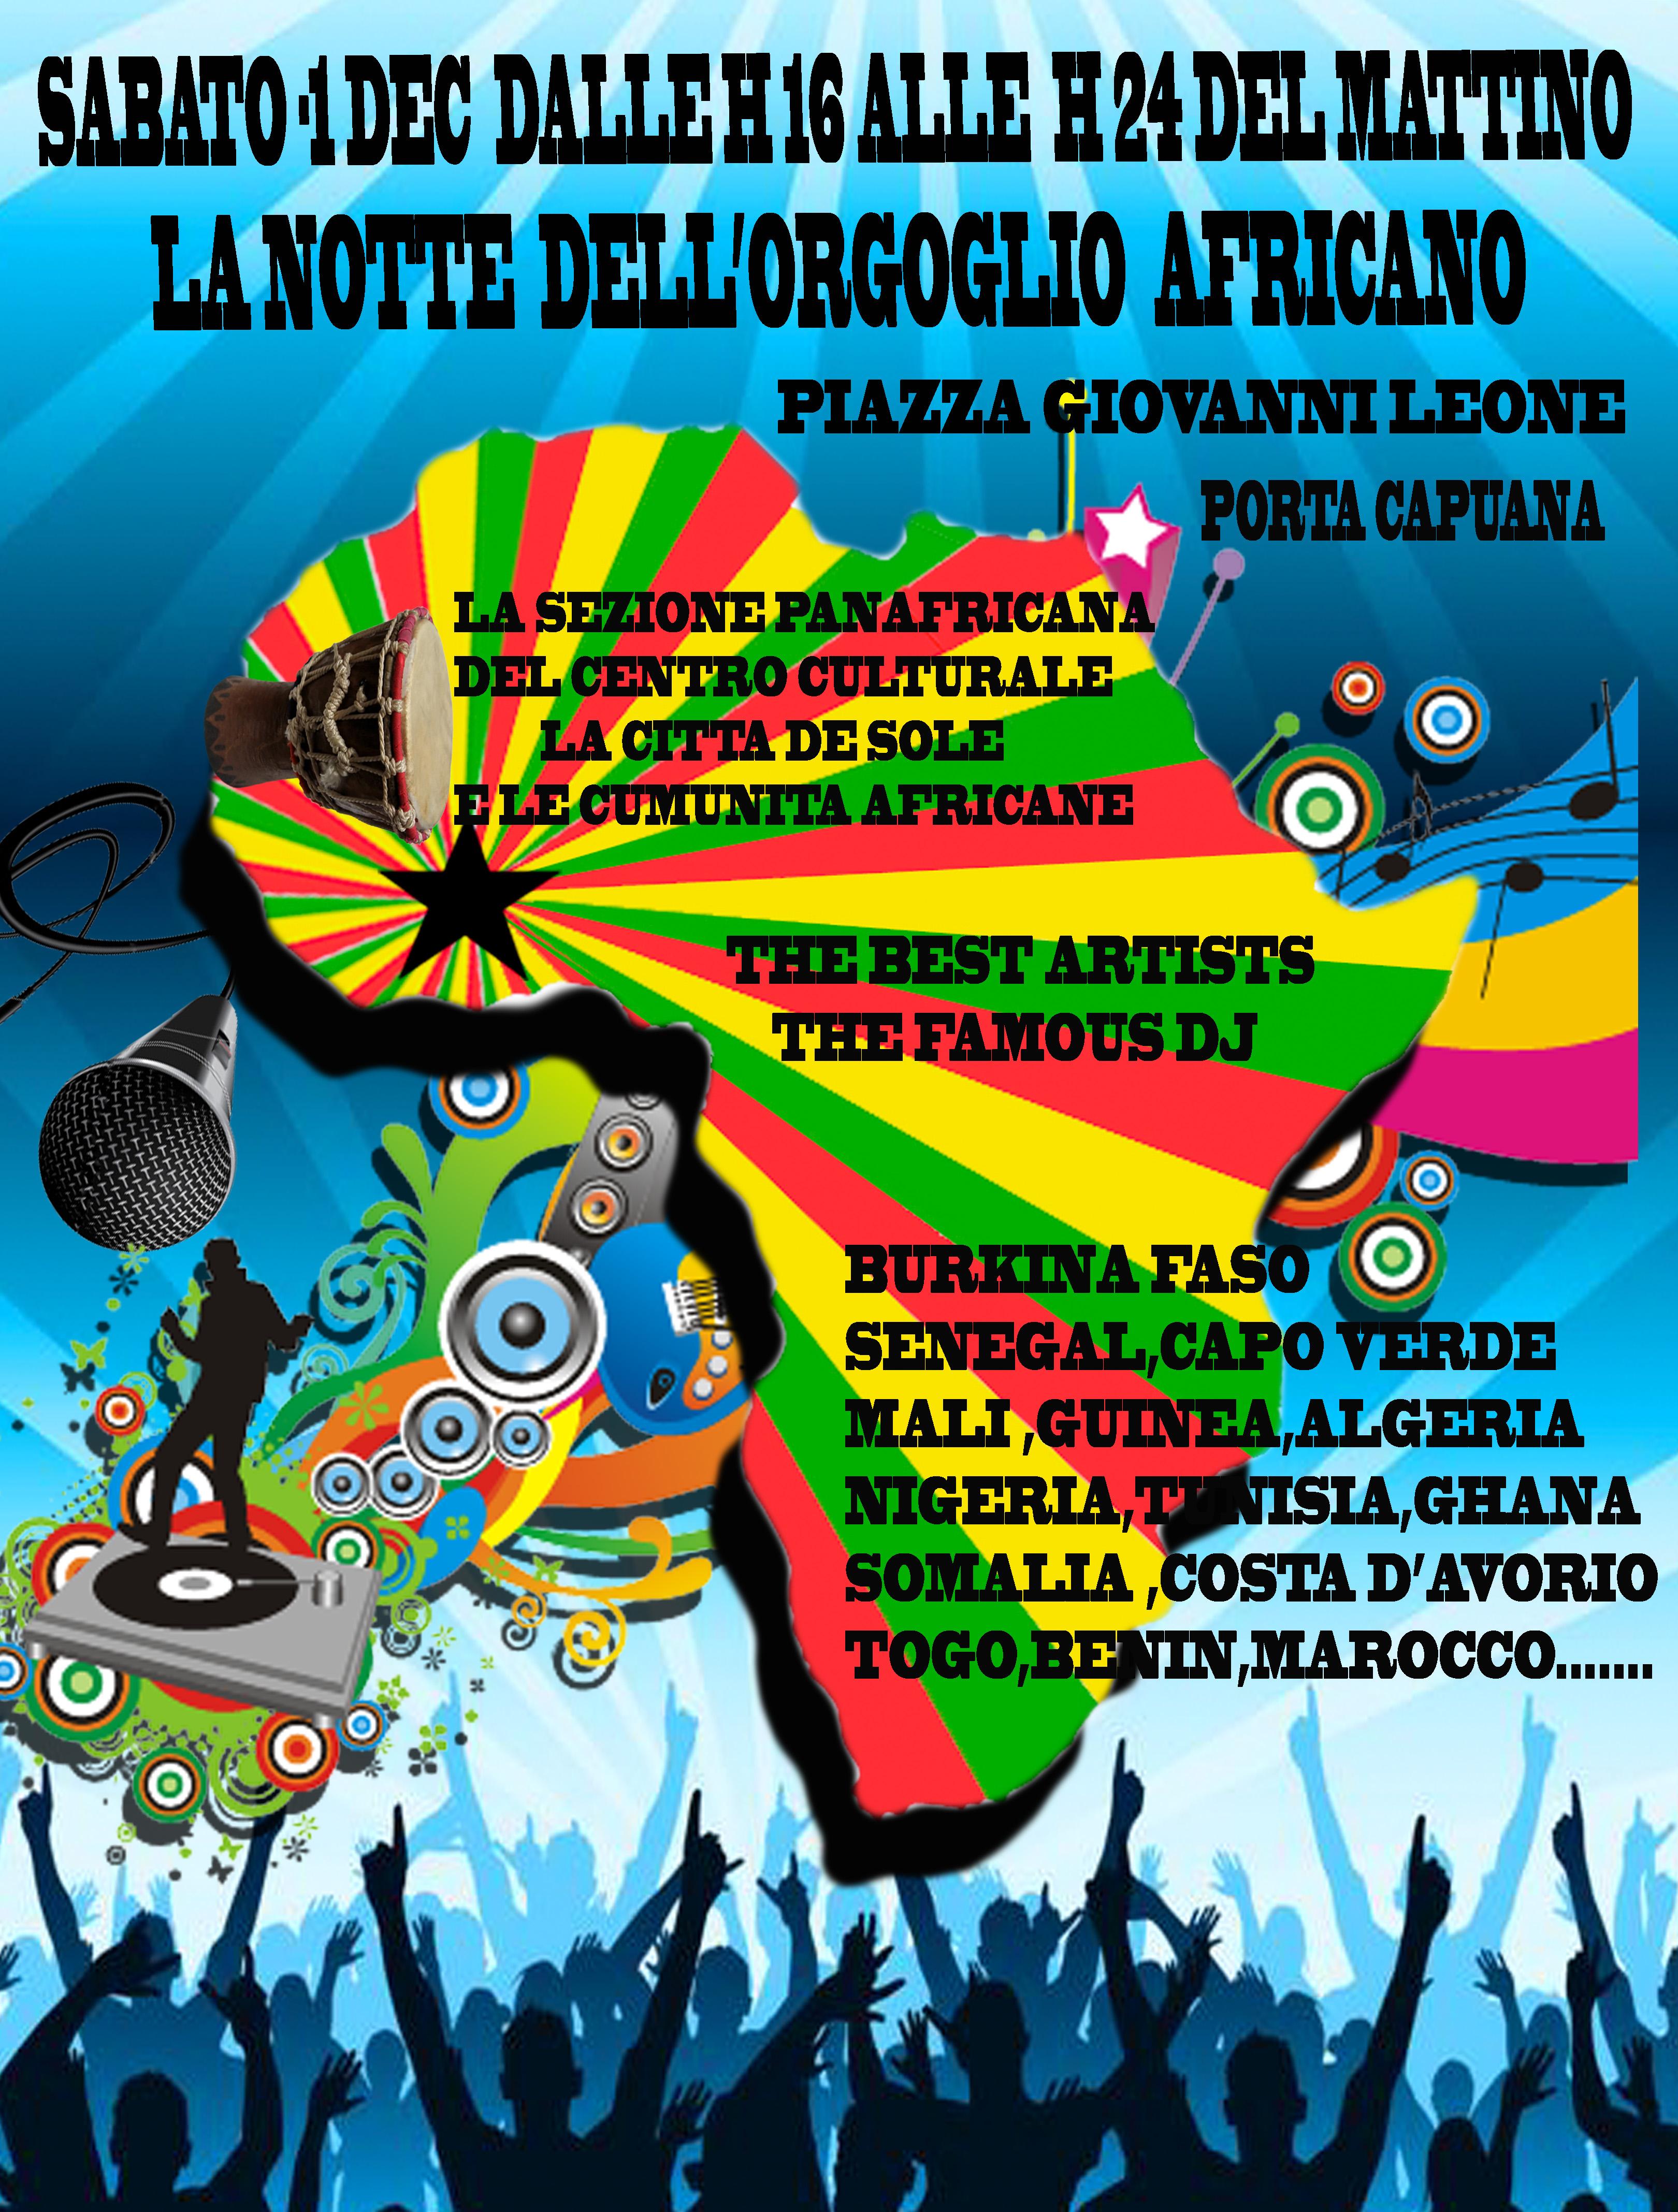 RINVIATA La Notte dell'Orgoglio Africano a Napoli